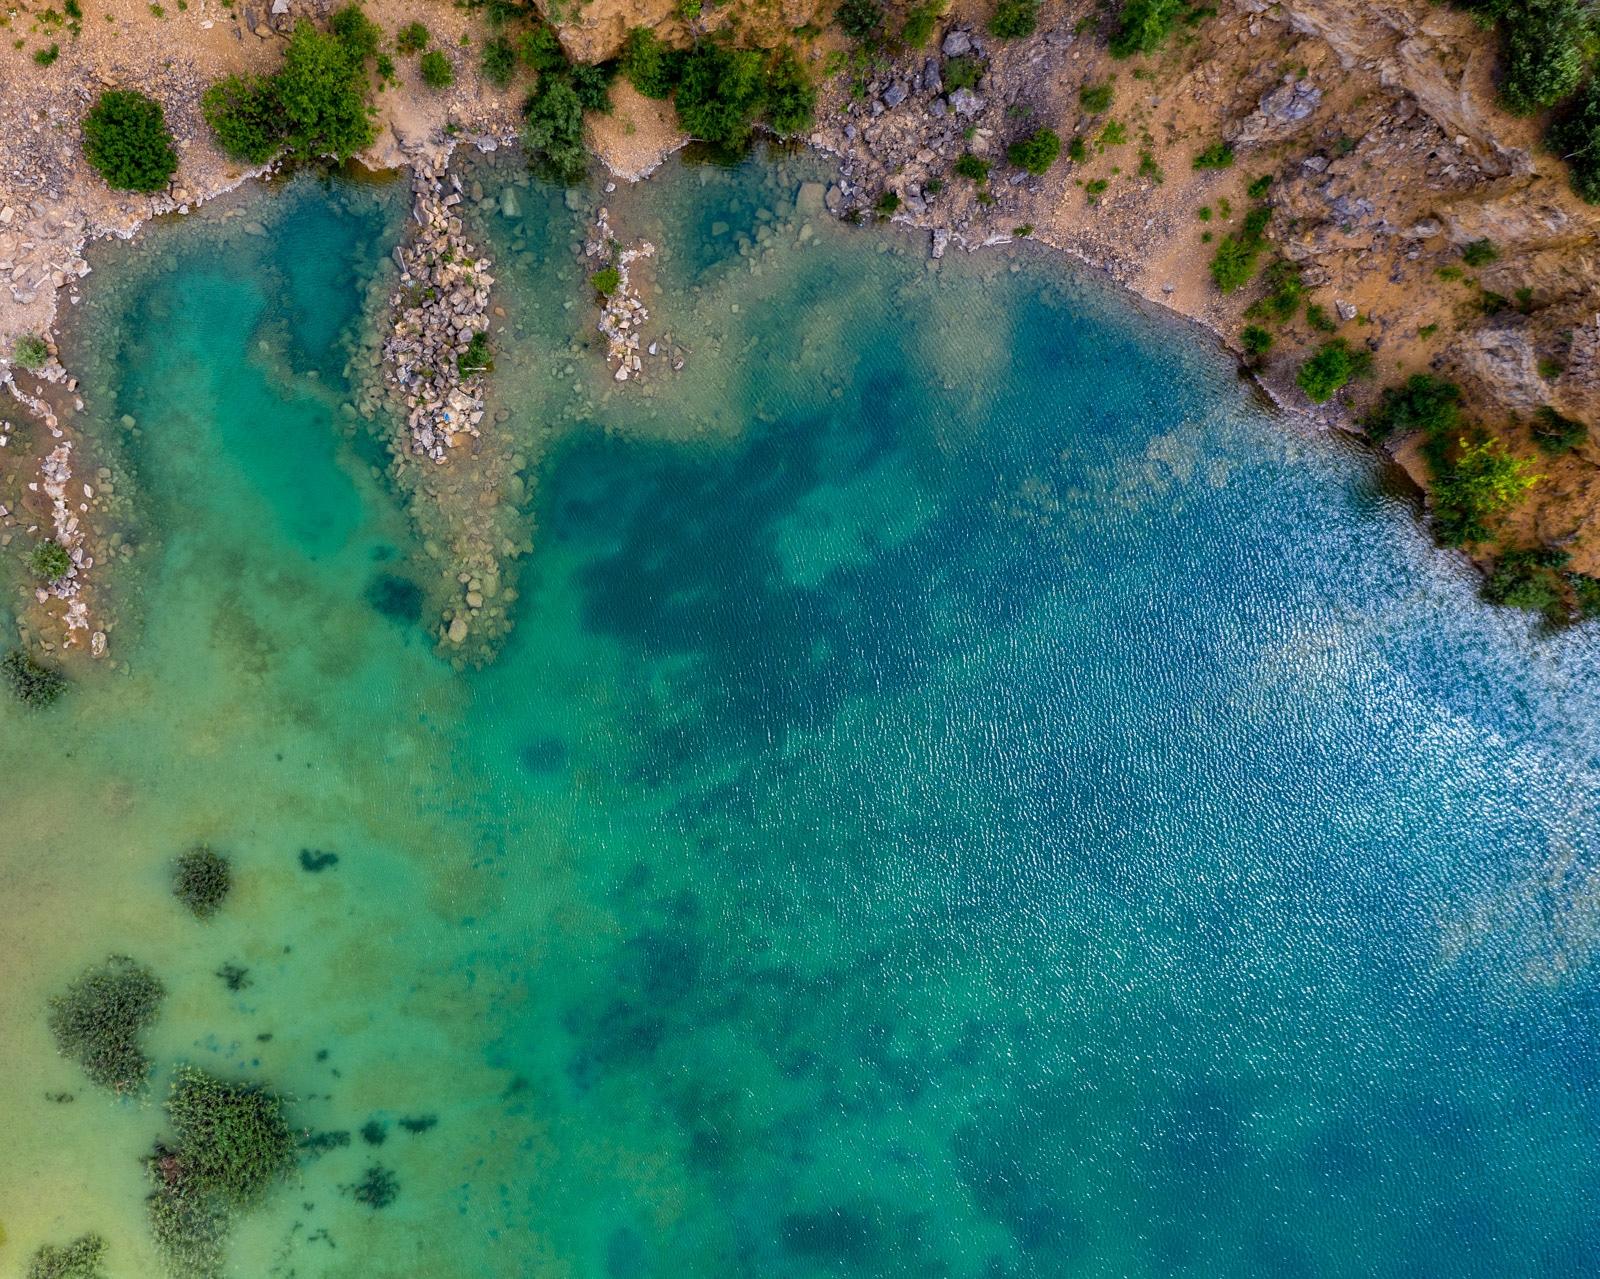 Turkusowe jeziorko w Jaworznie